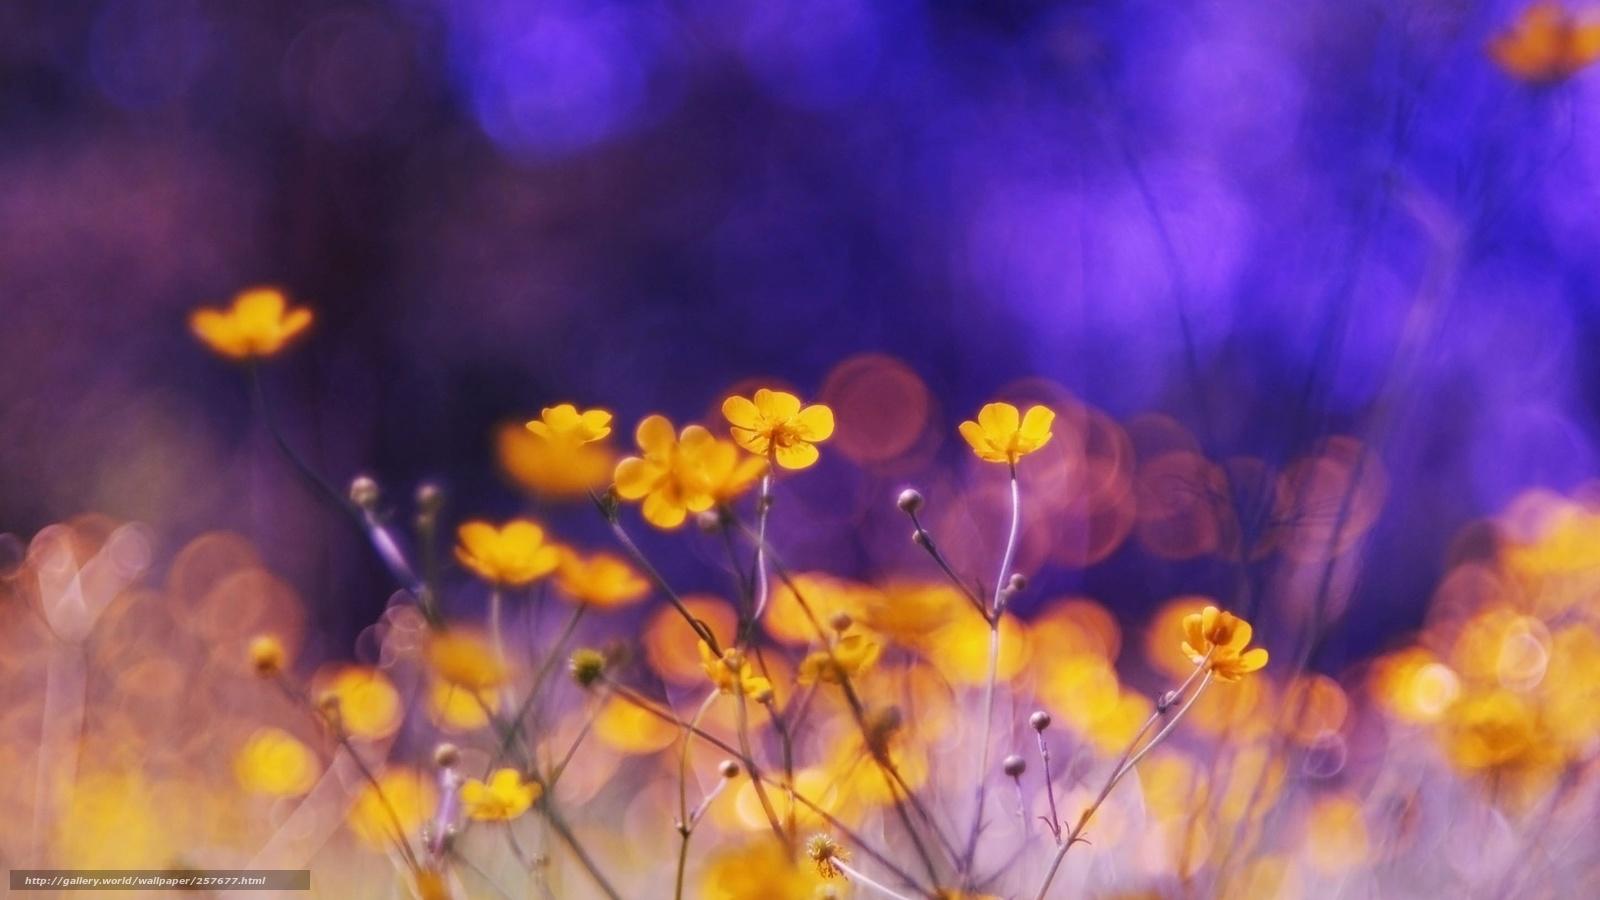 Scaricare gli sfondi fiori natura bellezza sfondi gratis for Sfondi desktop fiori